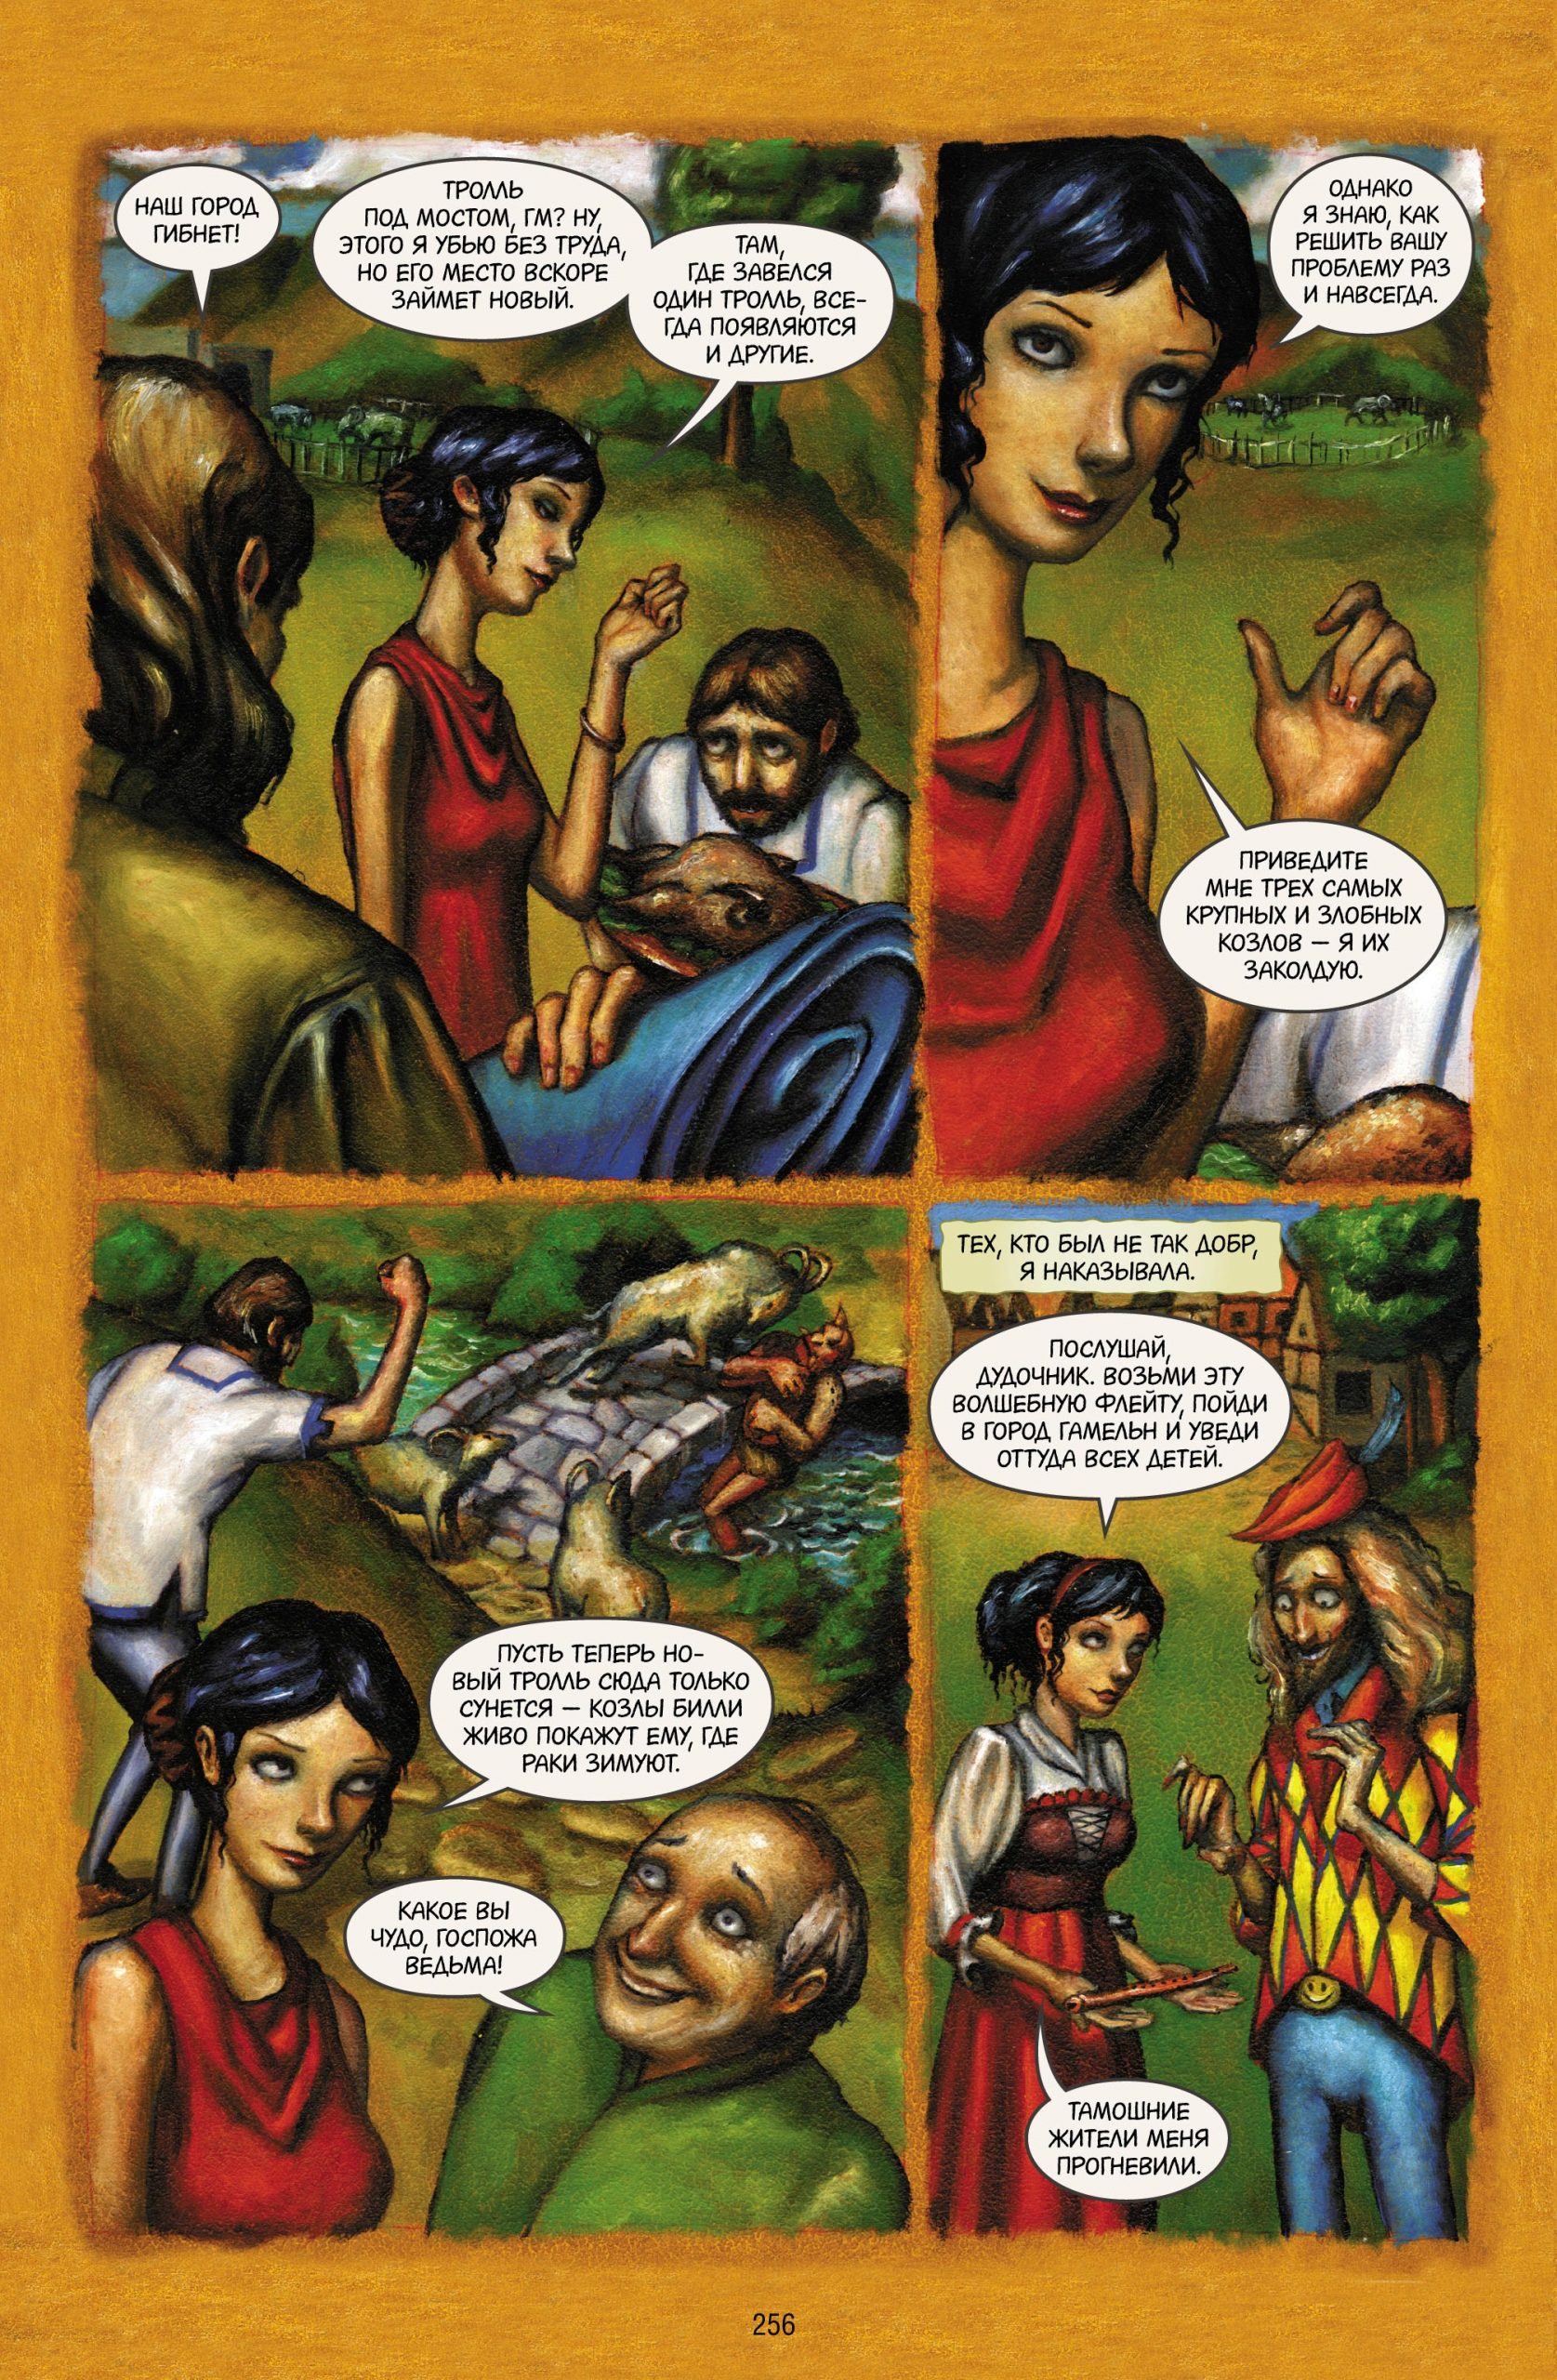 Читаем комикс «Сказки: Диаспора»: жестокие сказки о древней ведьме 4